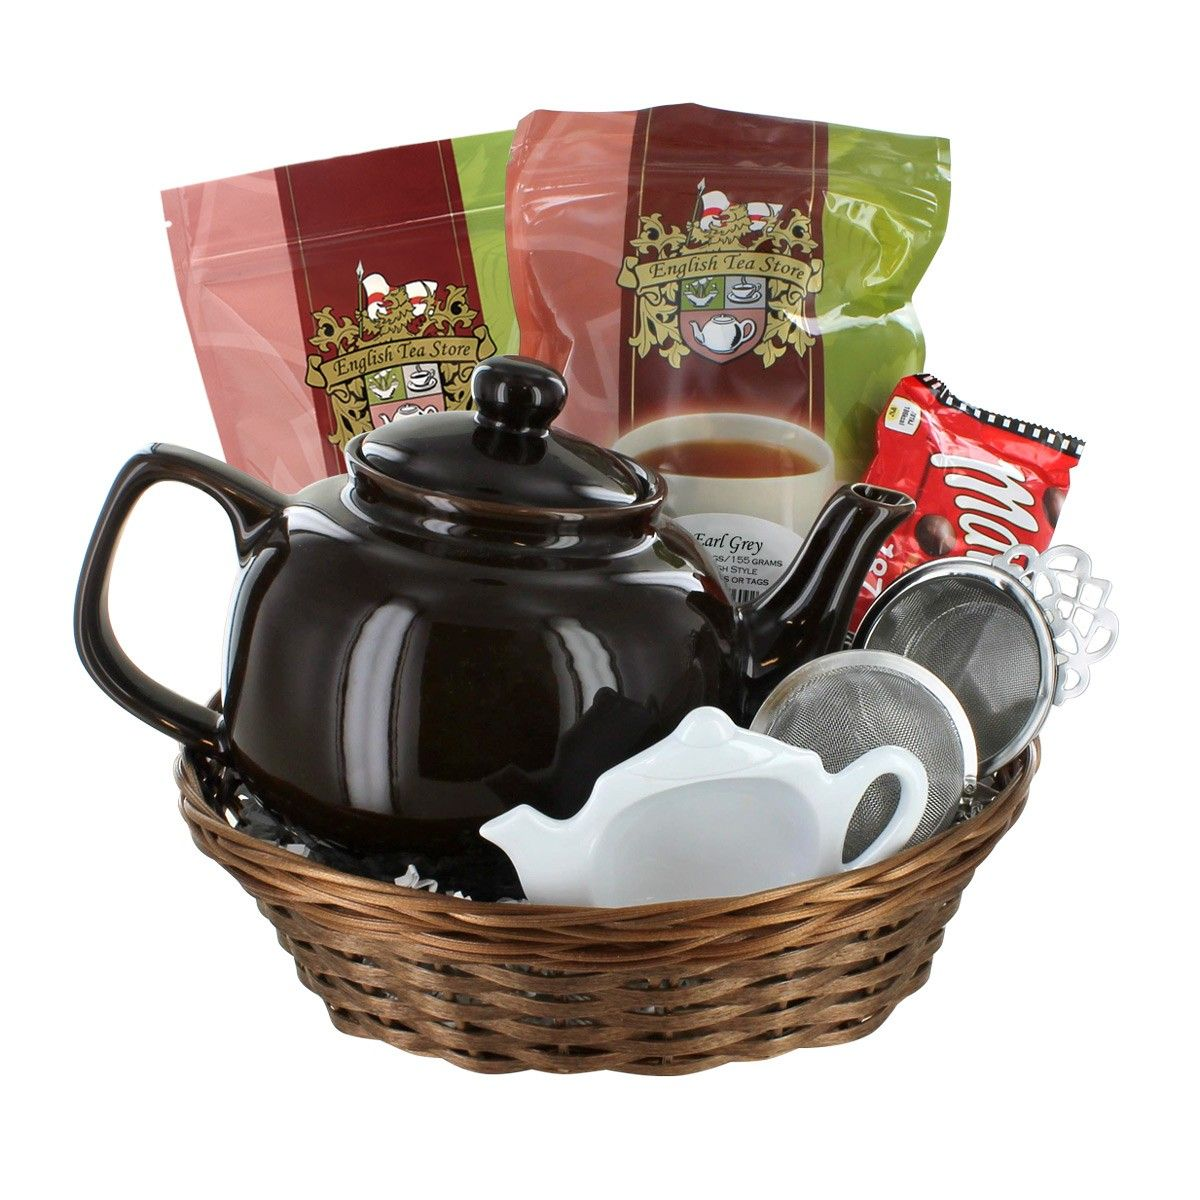 Earl Grey Tea Gift Basket